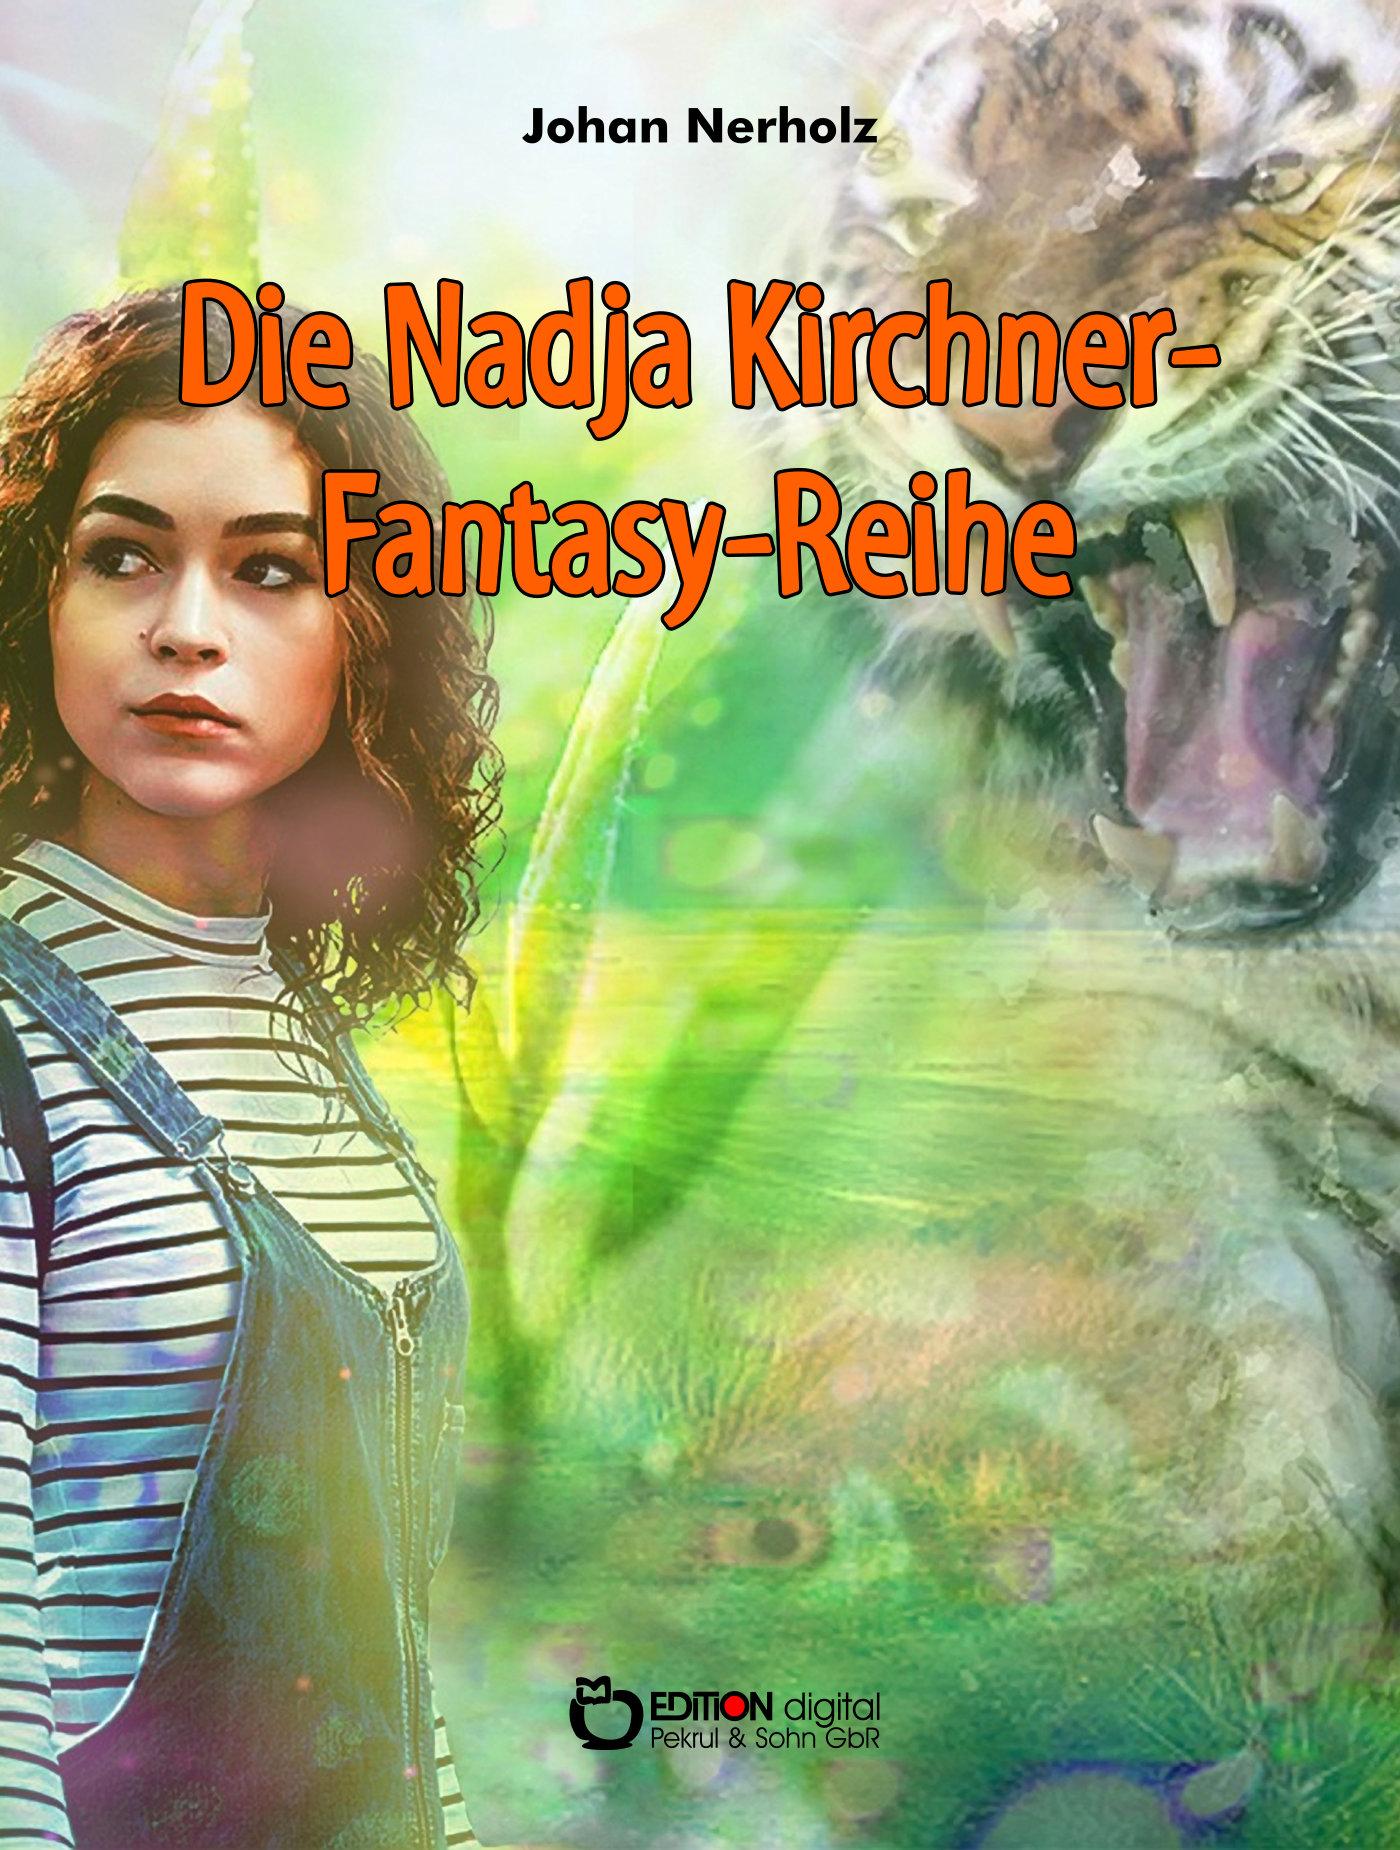 Nadja-Kirchner-Fantasy-Reihe von Johan Nerholz